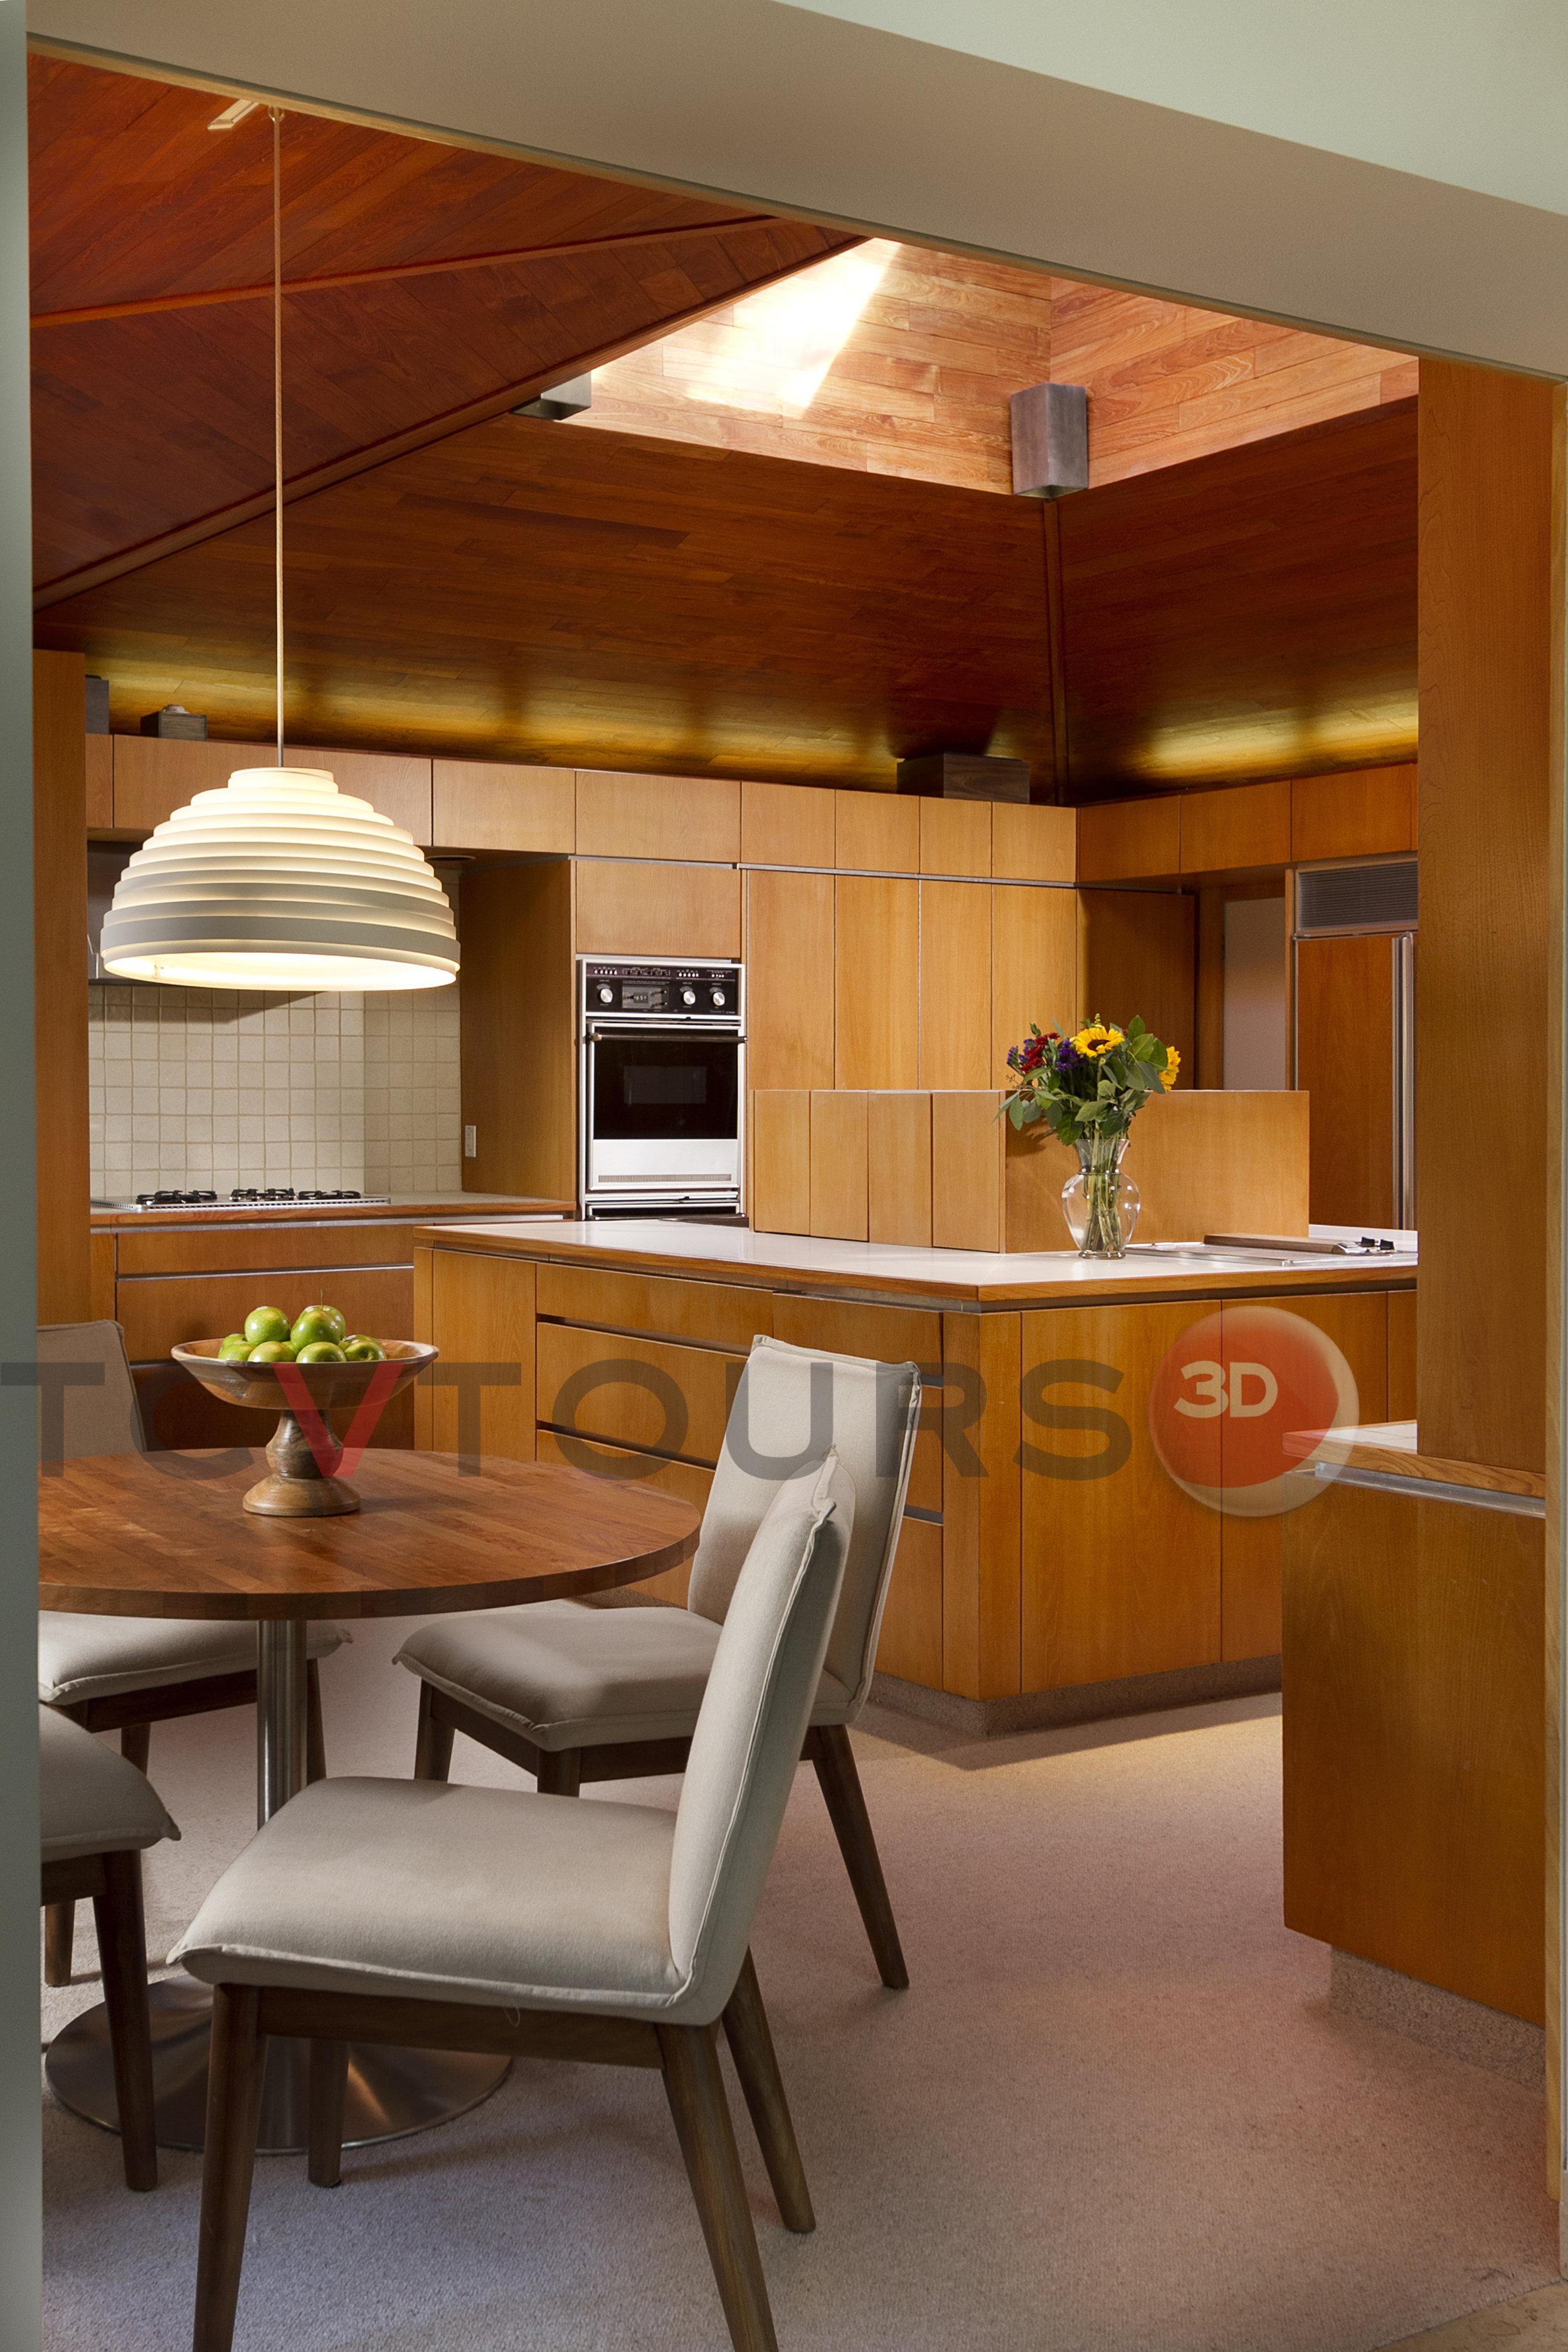 015_kitchen 21 H20.jpg